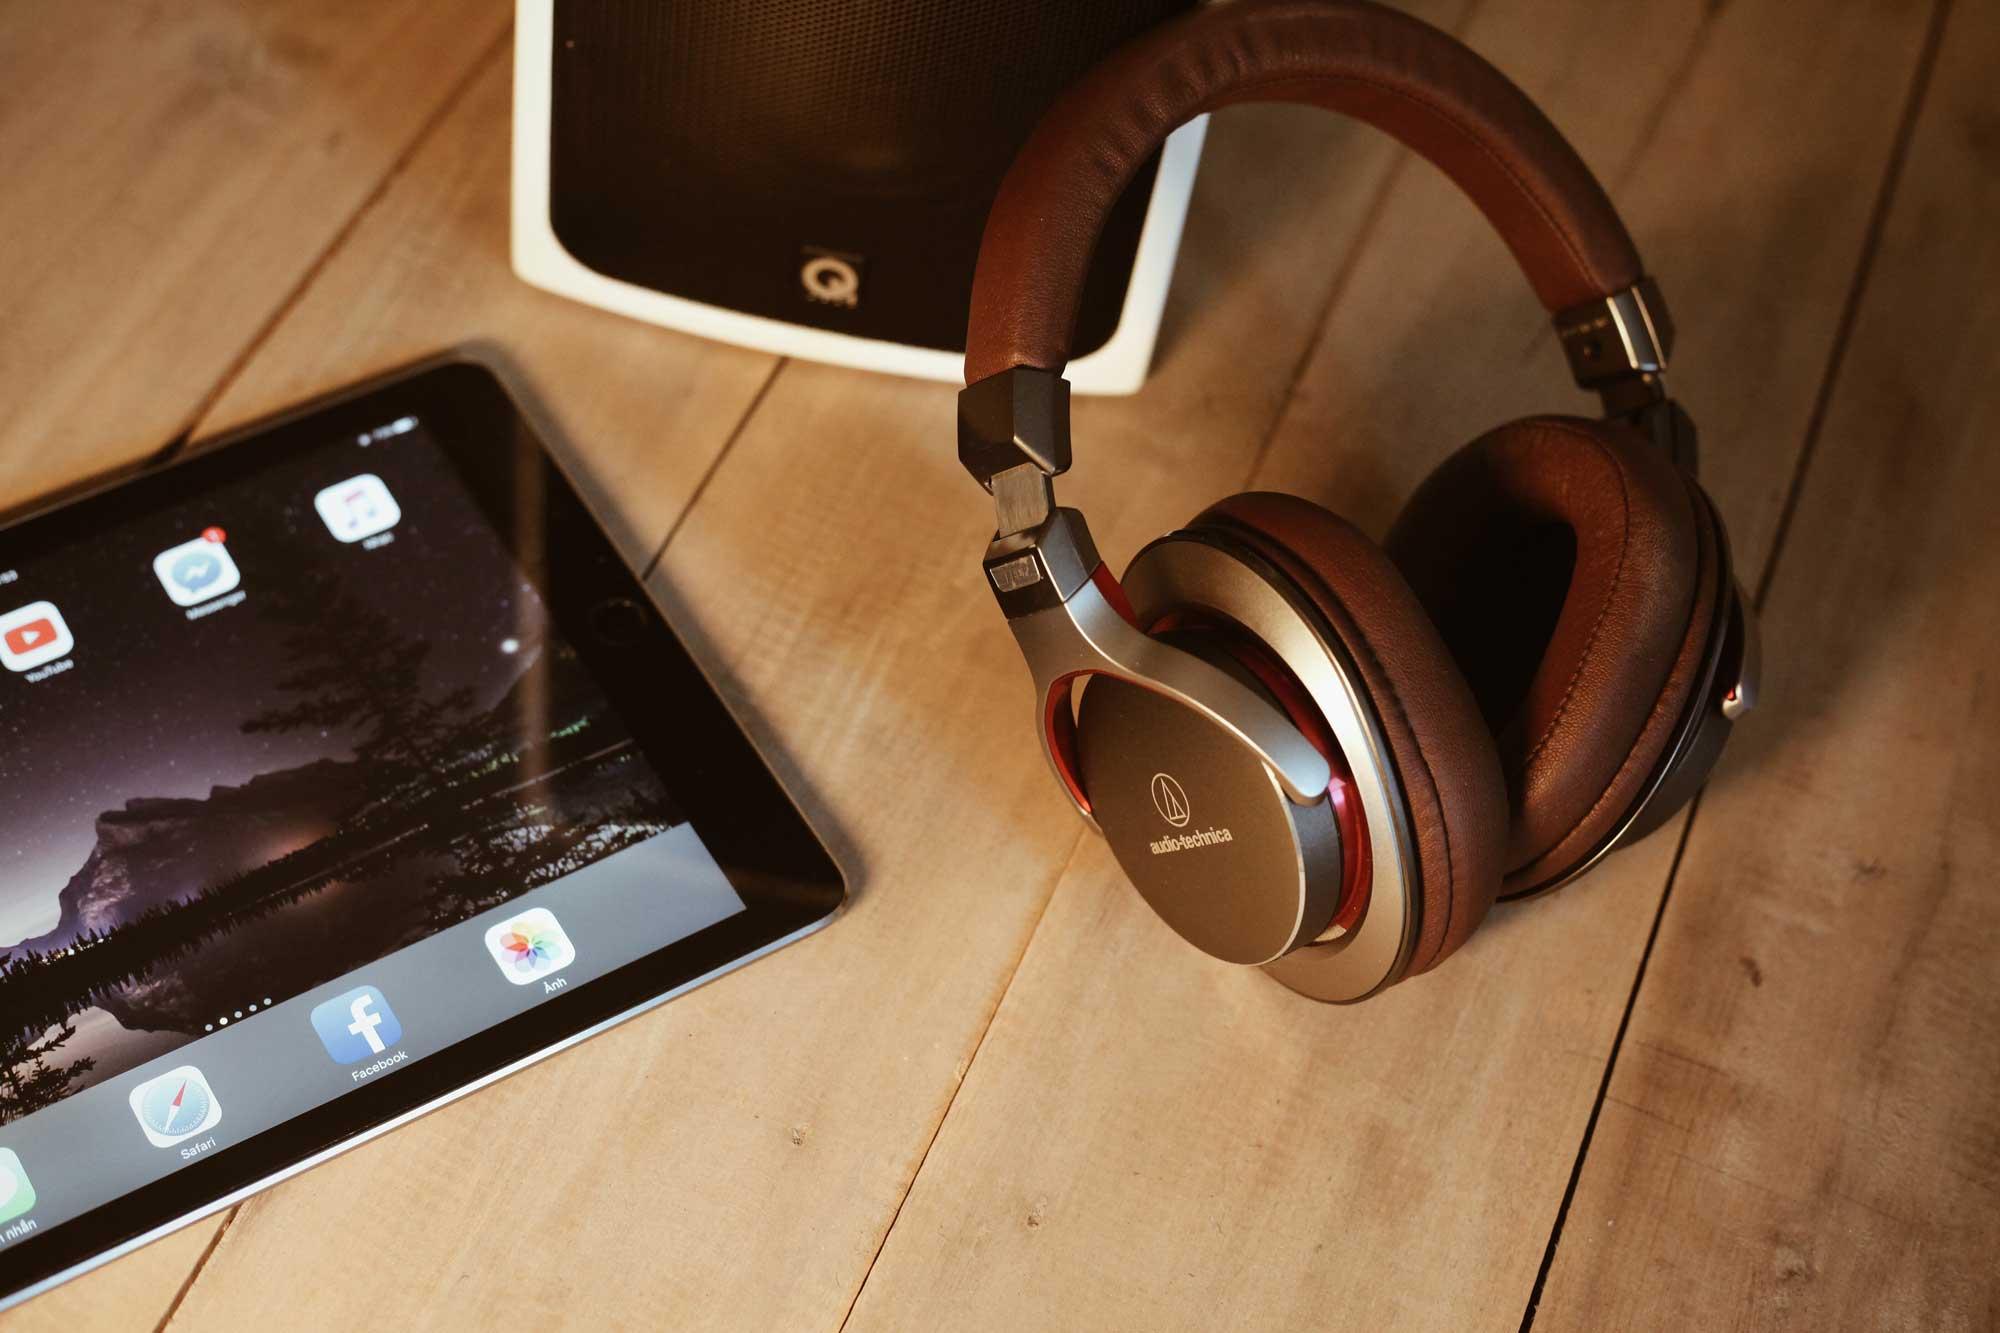 headphones, speaker and ipad on timber desk